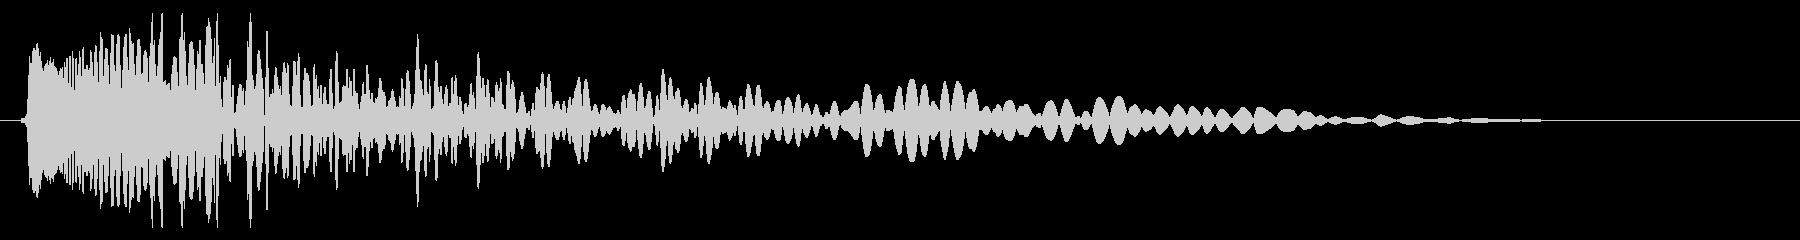 レーザー衝撃サージの未再生の波形